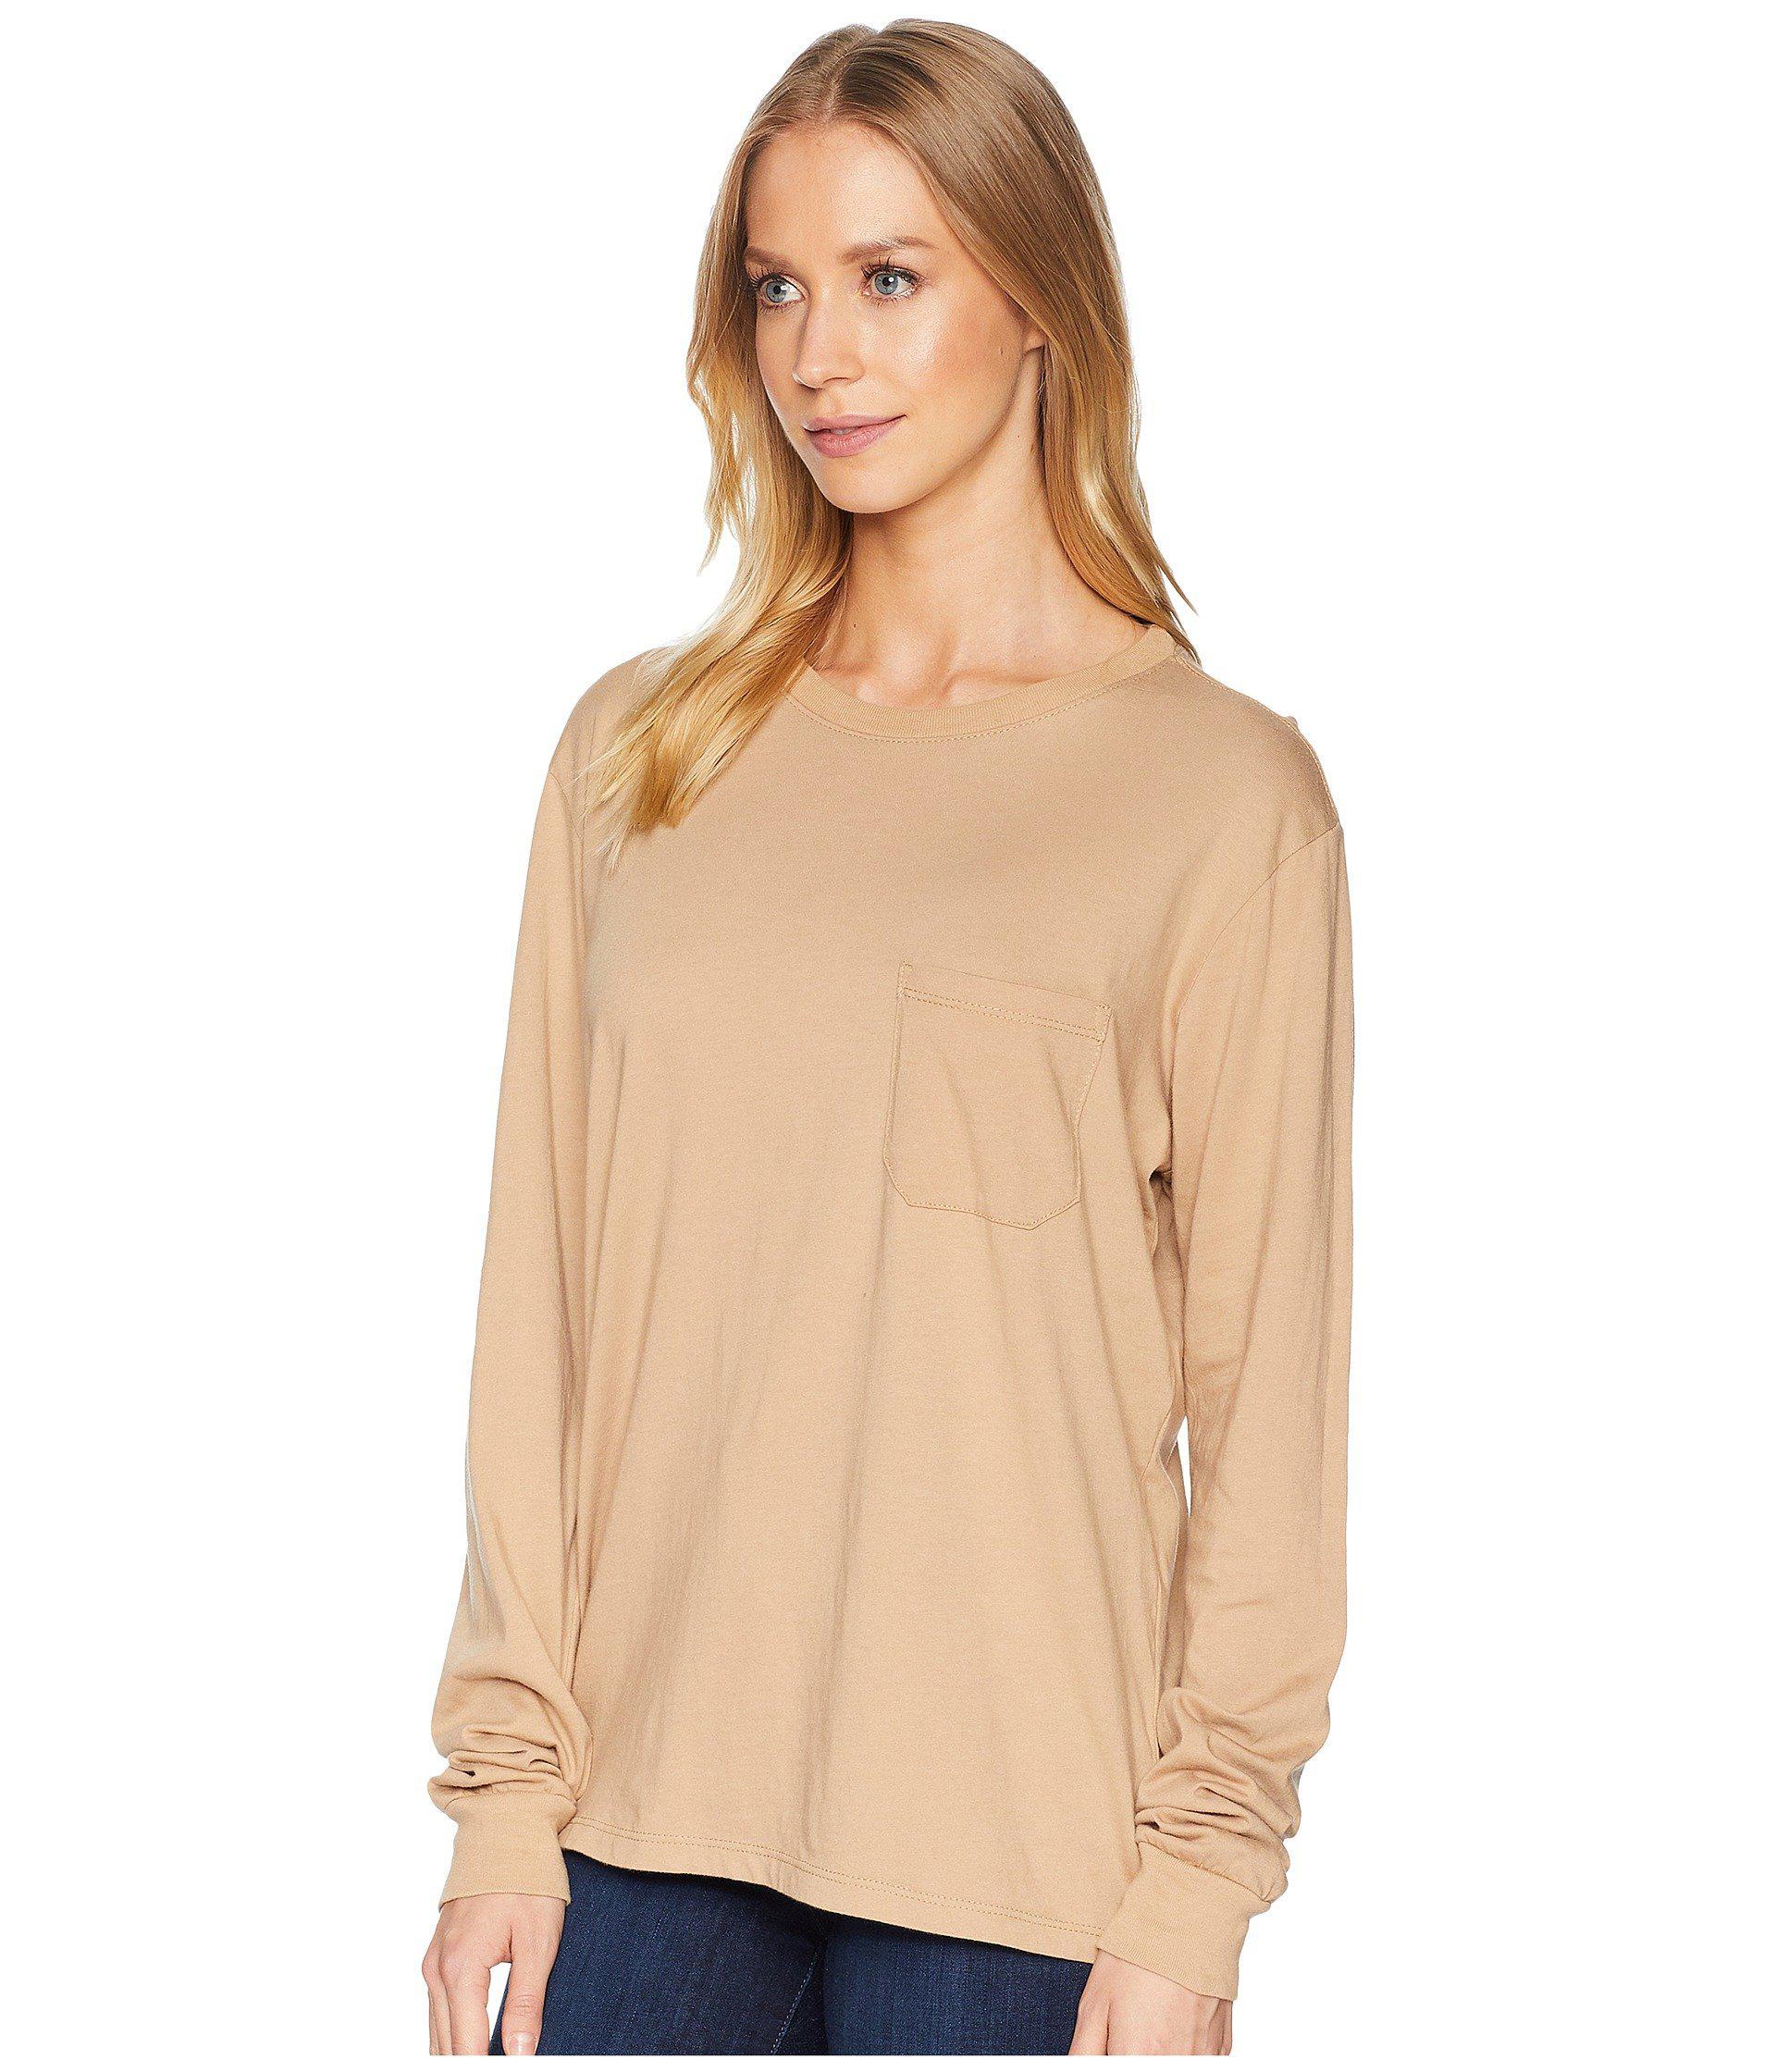 3f13d34b448 Lyst - Richer Poorer Long Sleeve Pocket Tee (green) Women s T Shirt in  Natural